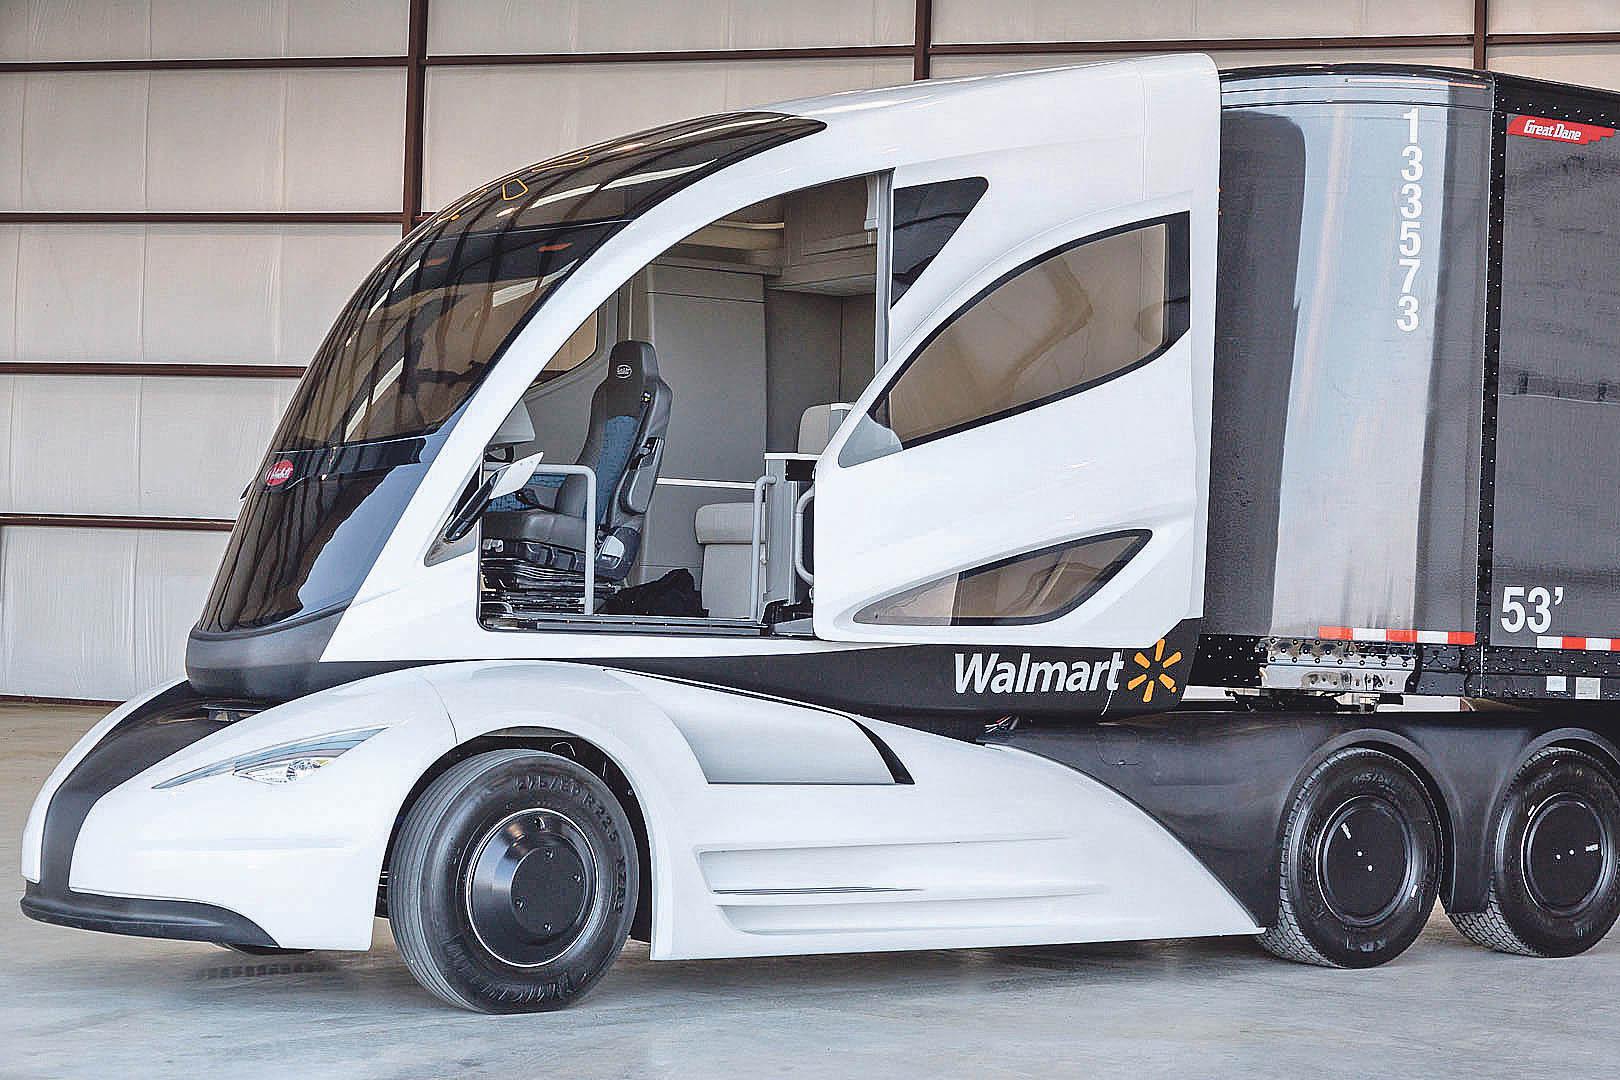 V roce 2014 Walmart veřejnosti představil vlastní projekt elektrického nákladního vozu s aerodynamickou kabinou vyrobenou z kompozitních materiálů.